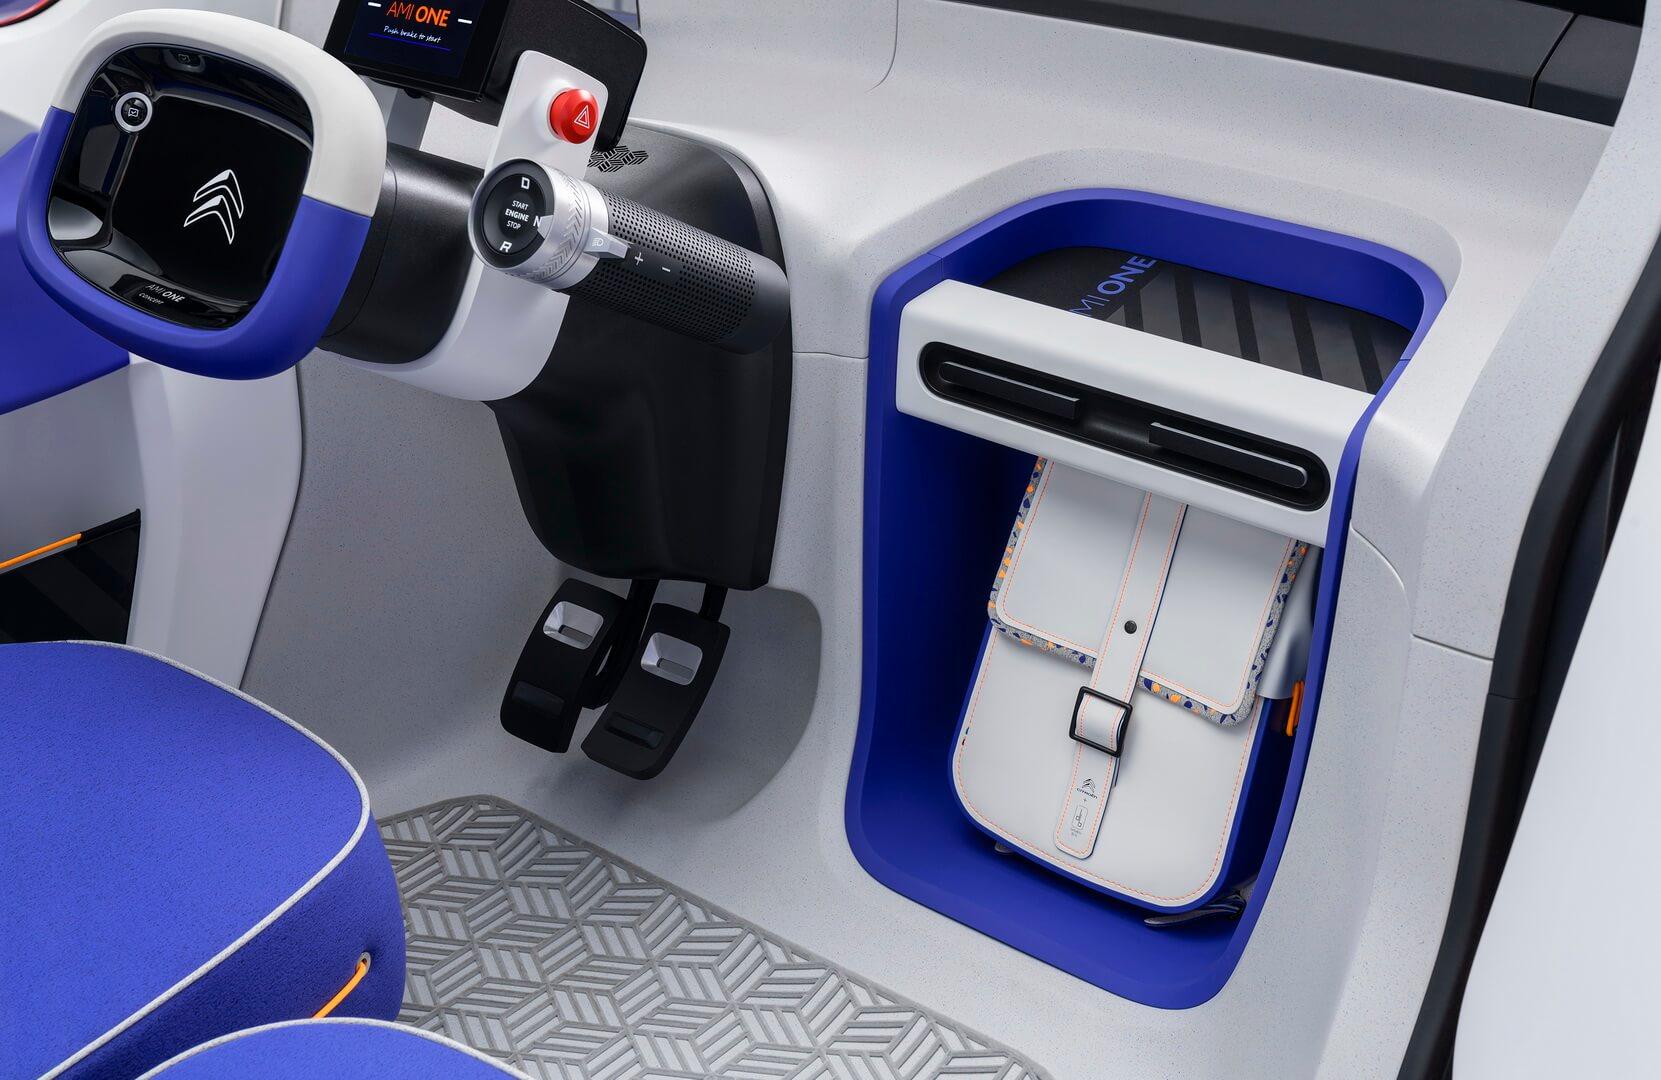 Интерьер электромобиля Citroën Ami One